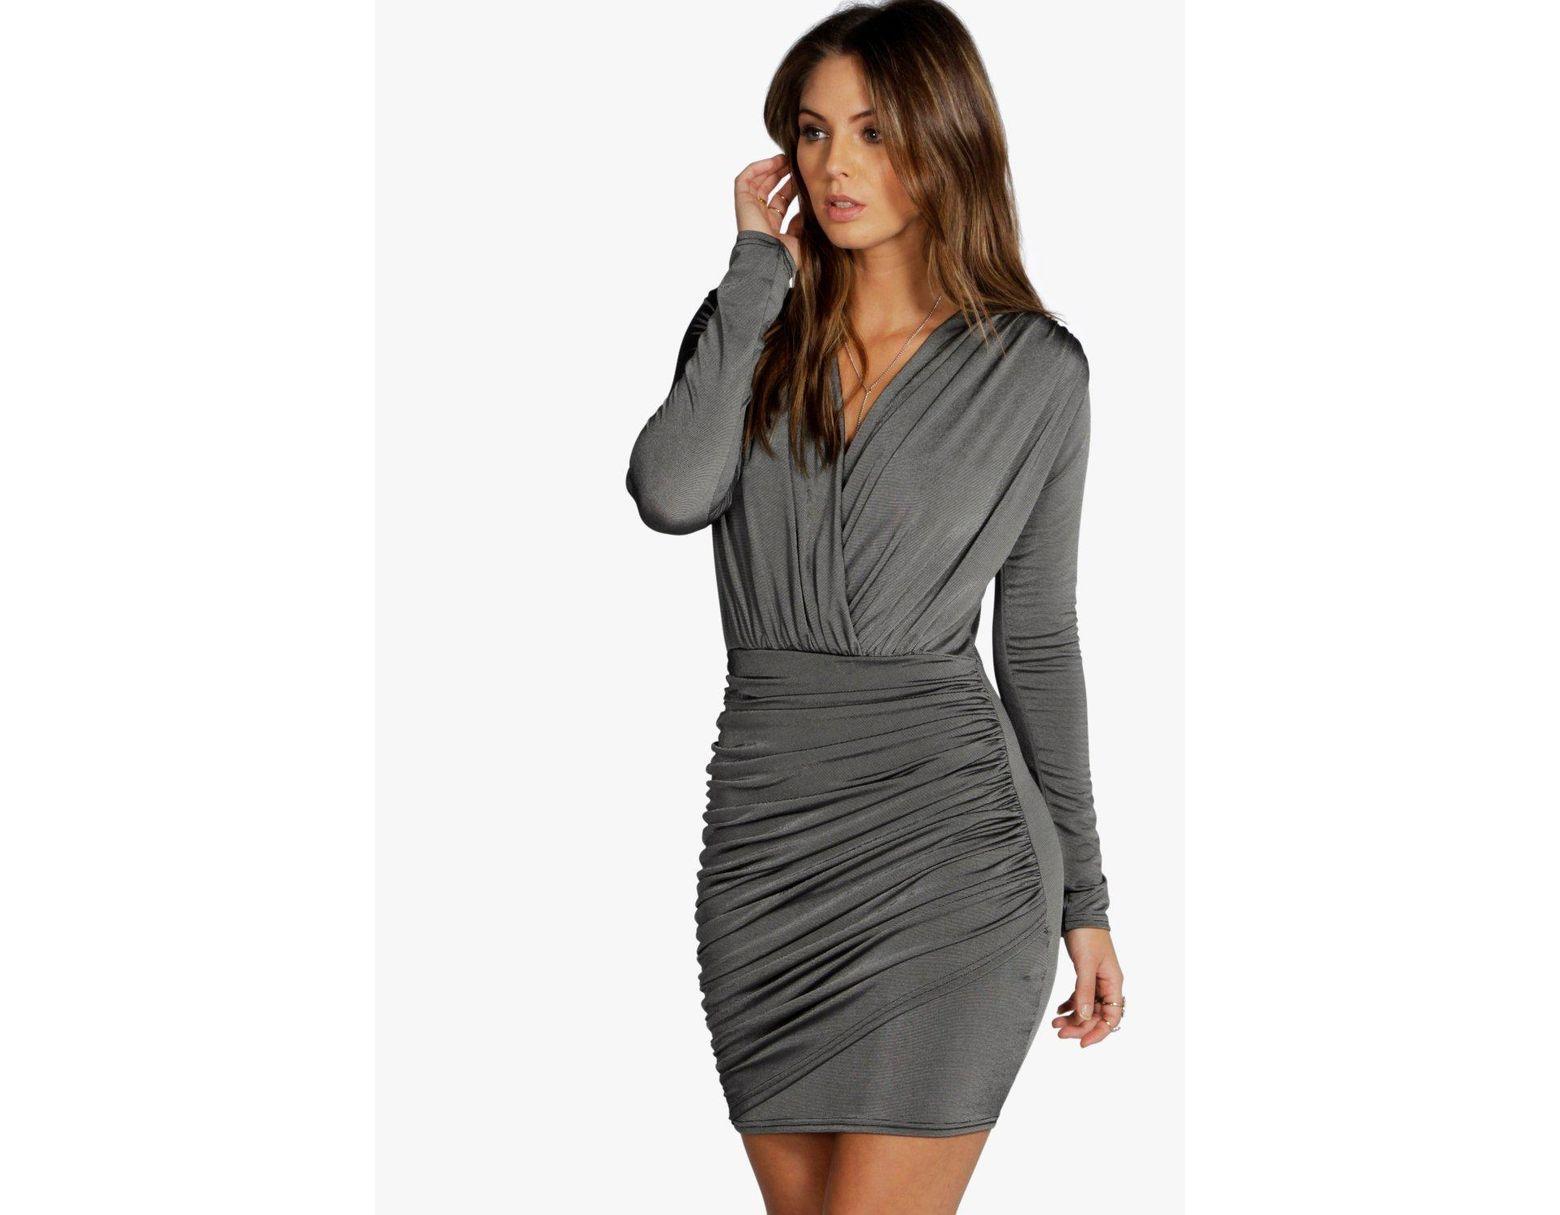 a5b59fbf83 Boohoo Slinky Wrap Long Sleeve Bodycon Dress in Gray - Lyst